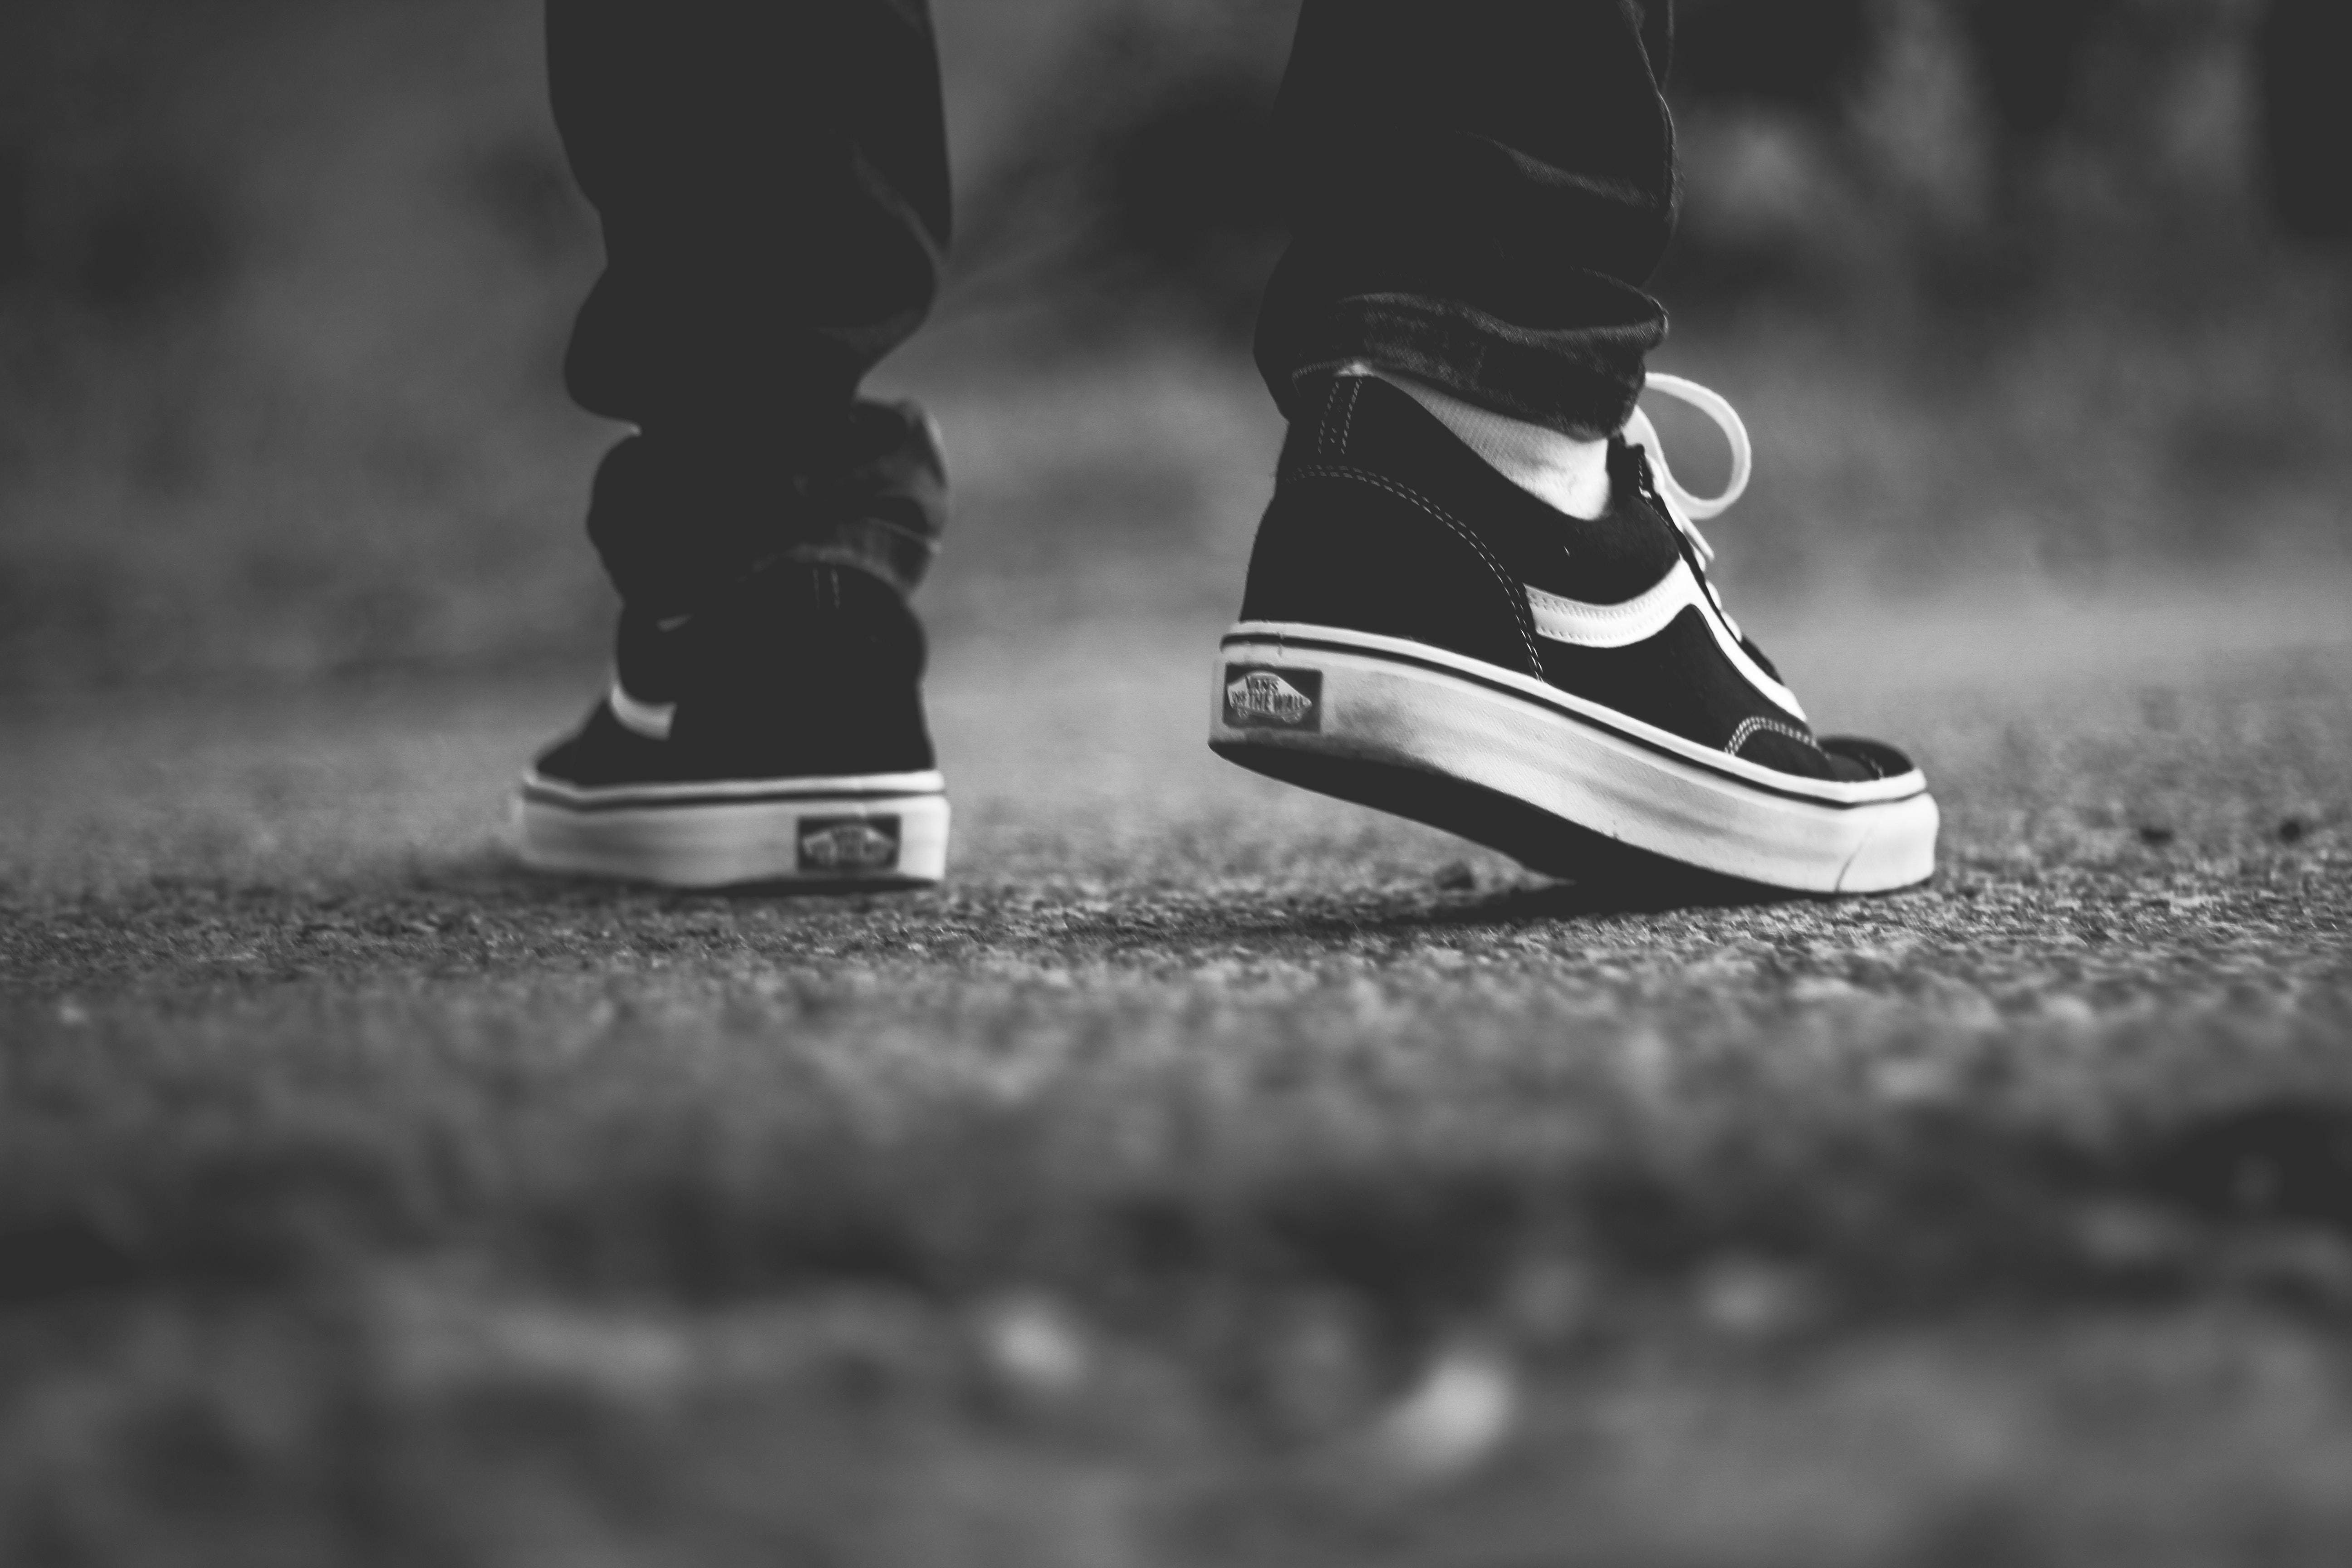 pair of Vans shoes